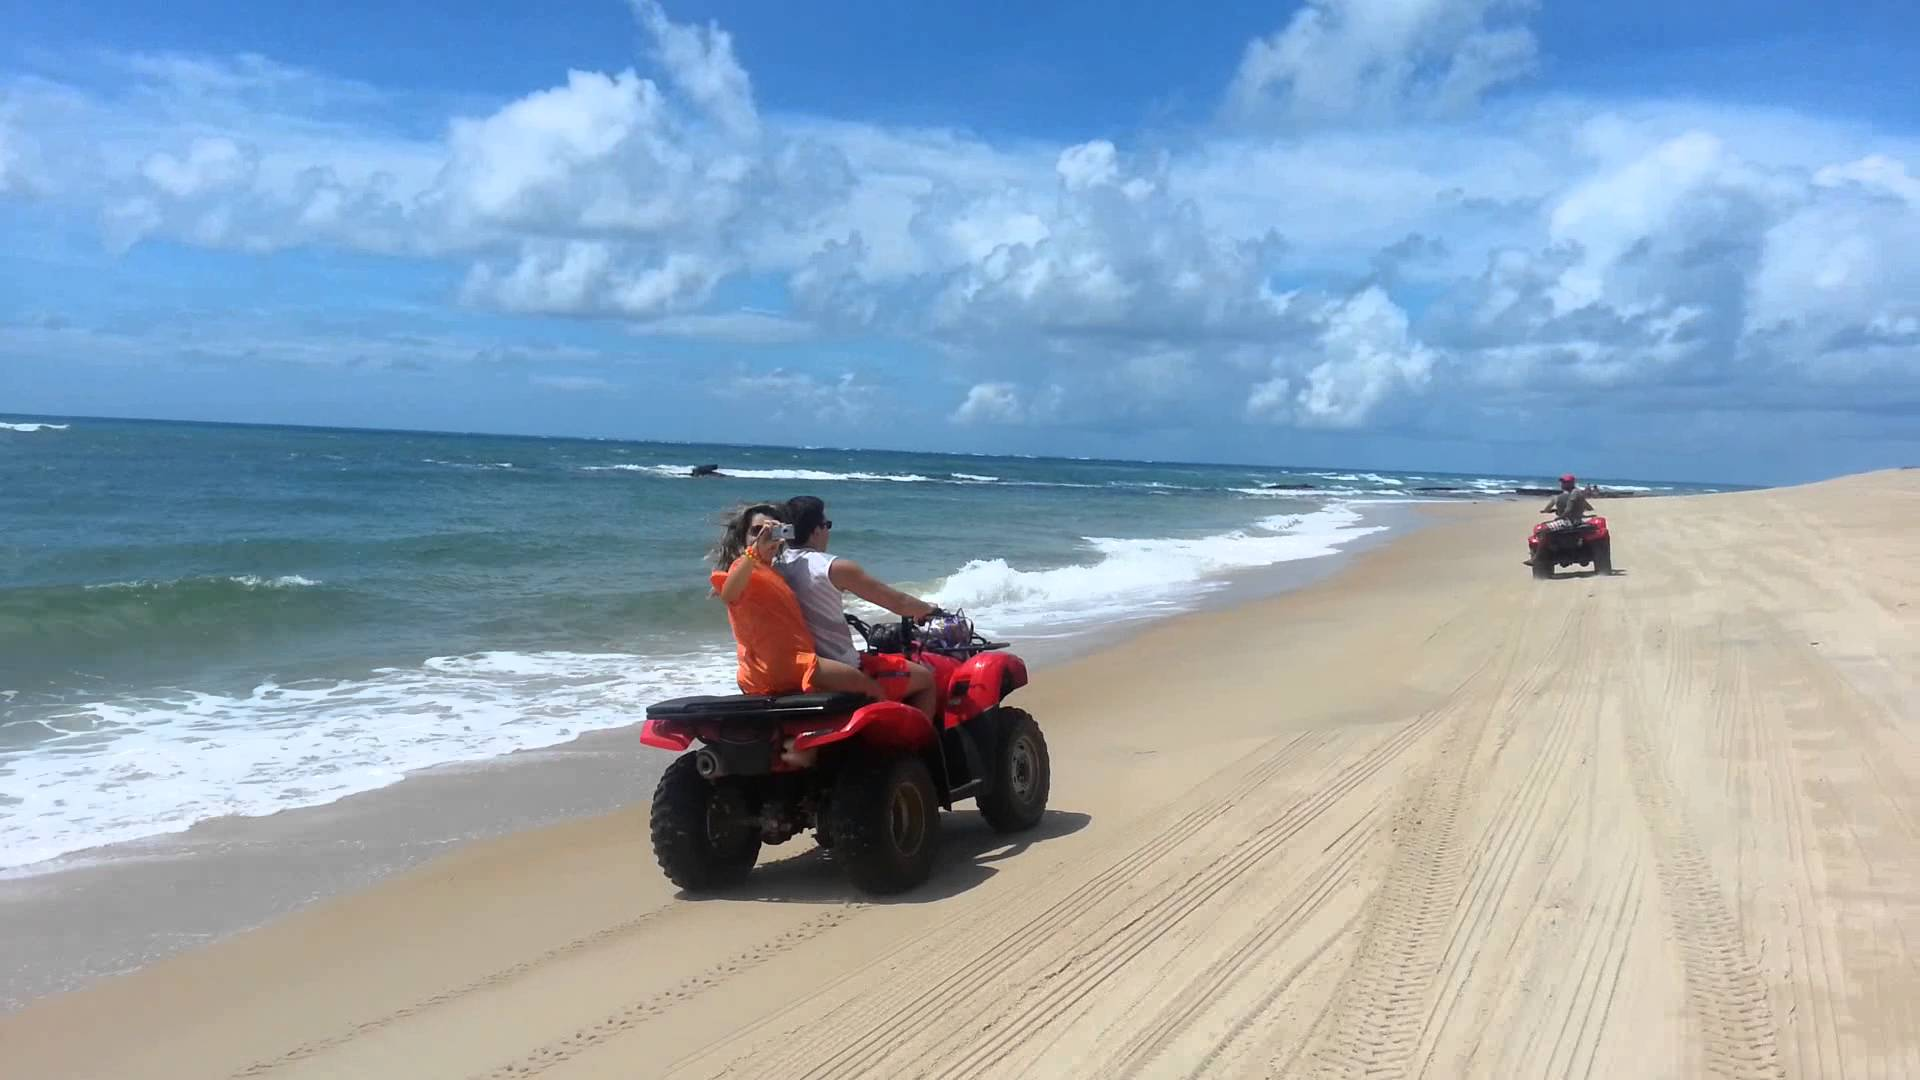 Passeio de quadriciclo em Alagoas